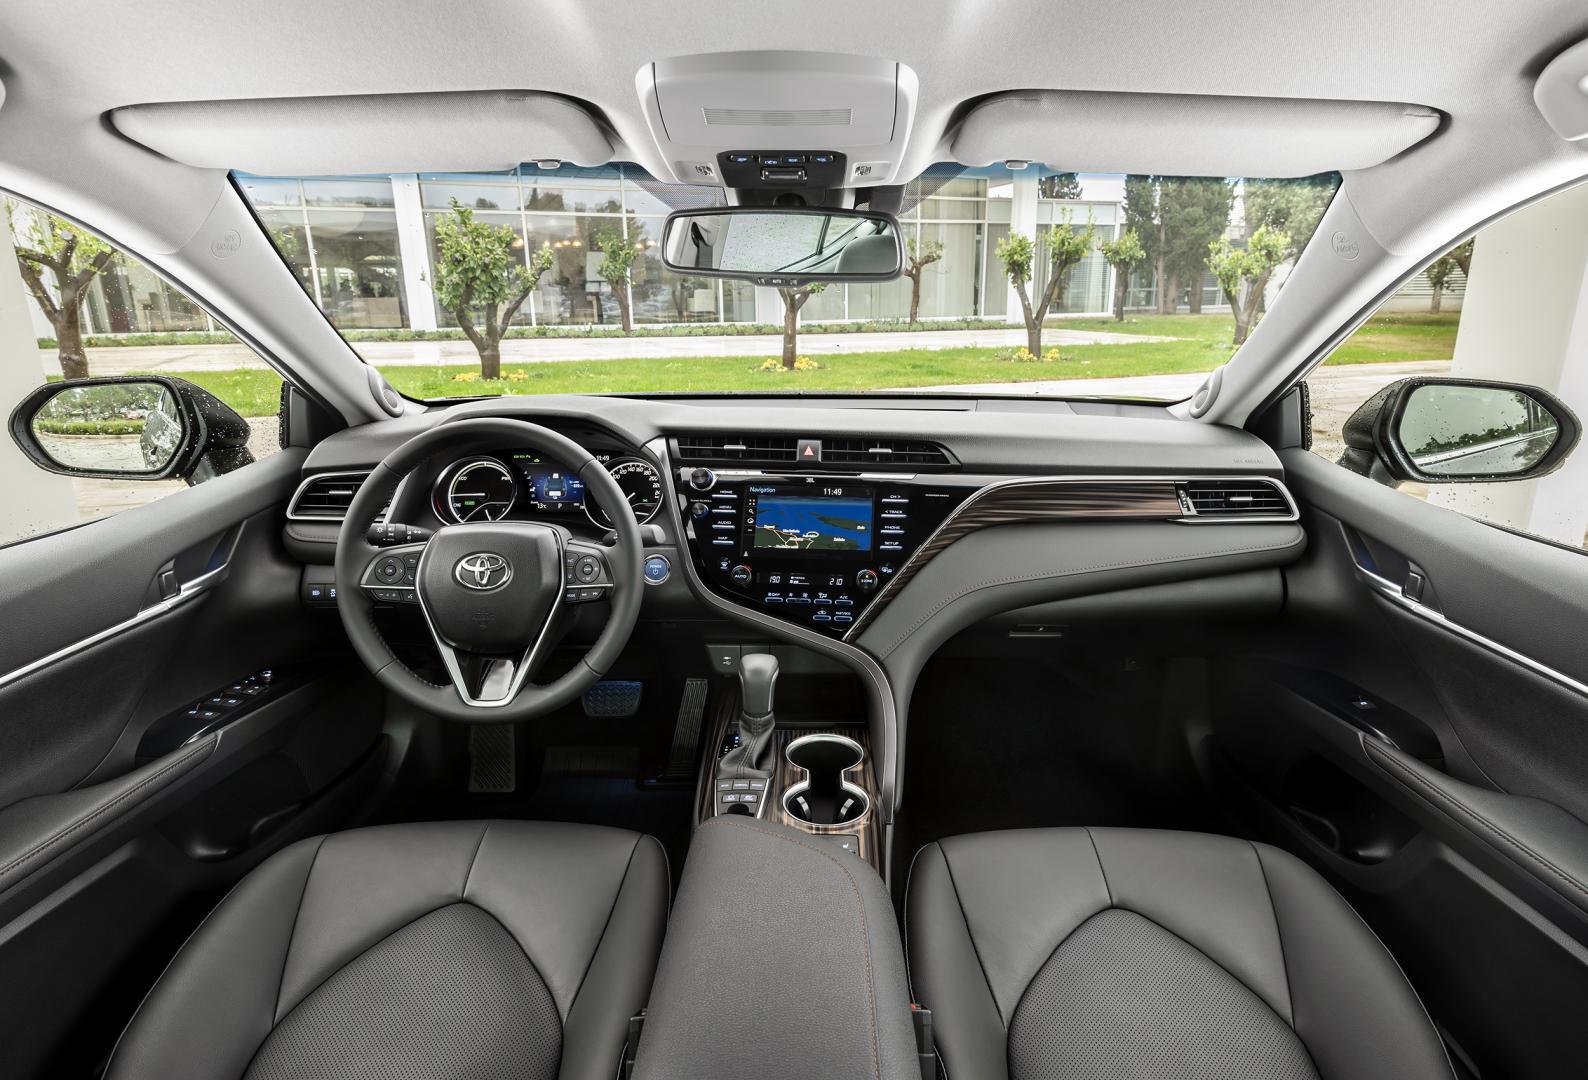 Toyota Camry Hybrid Premium - test 2019 dashboard interieur